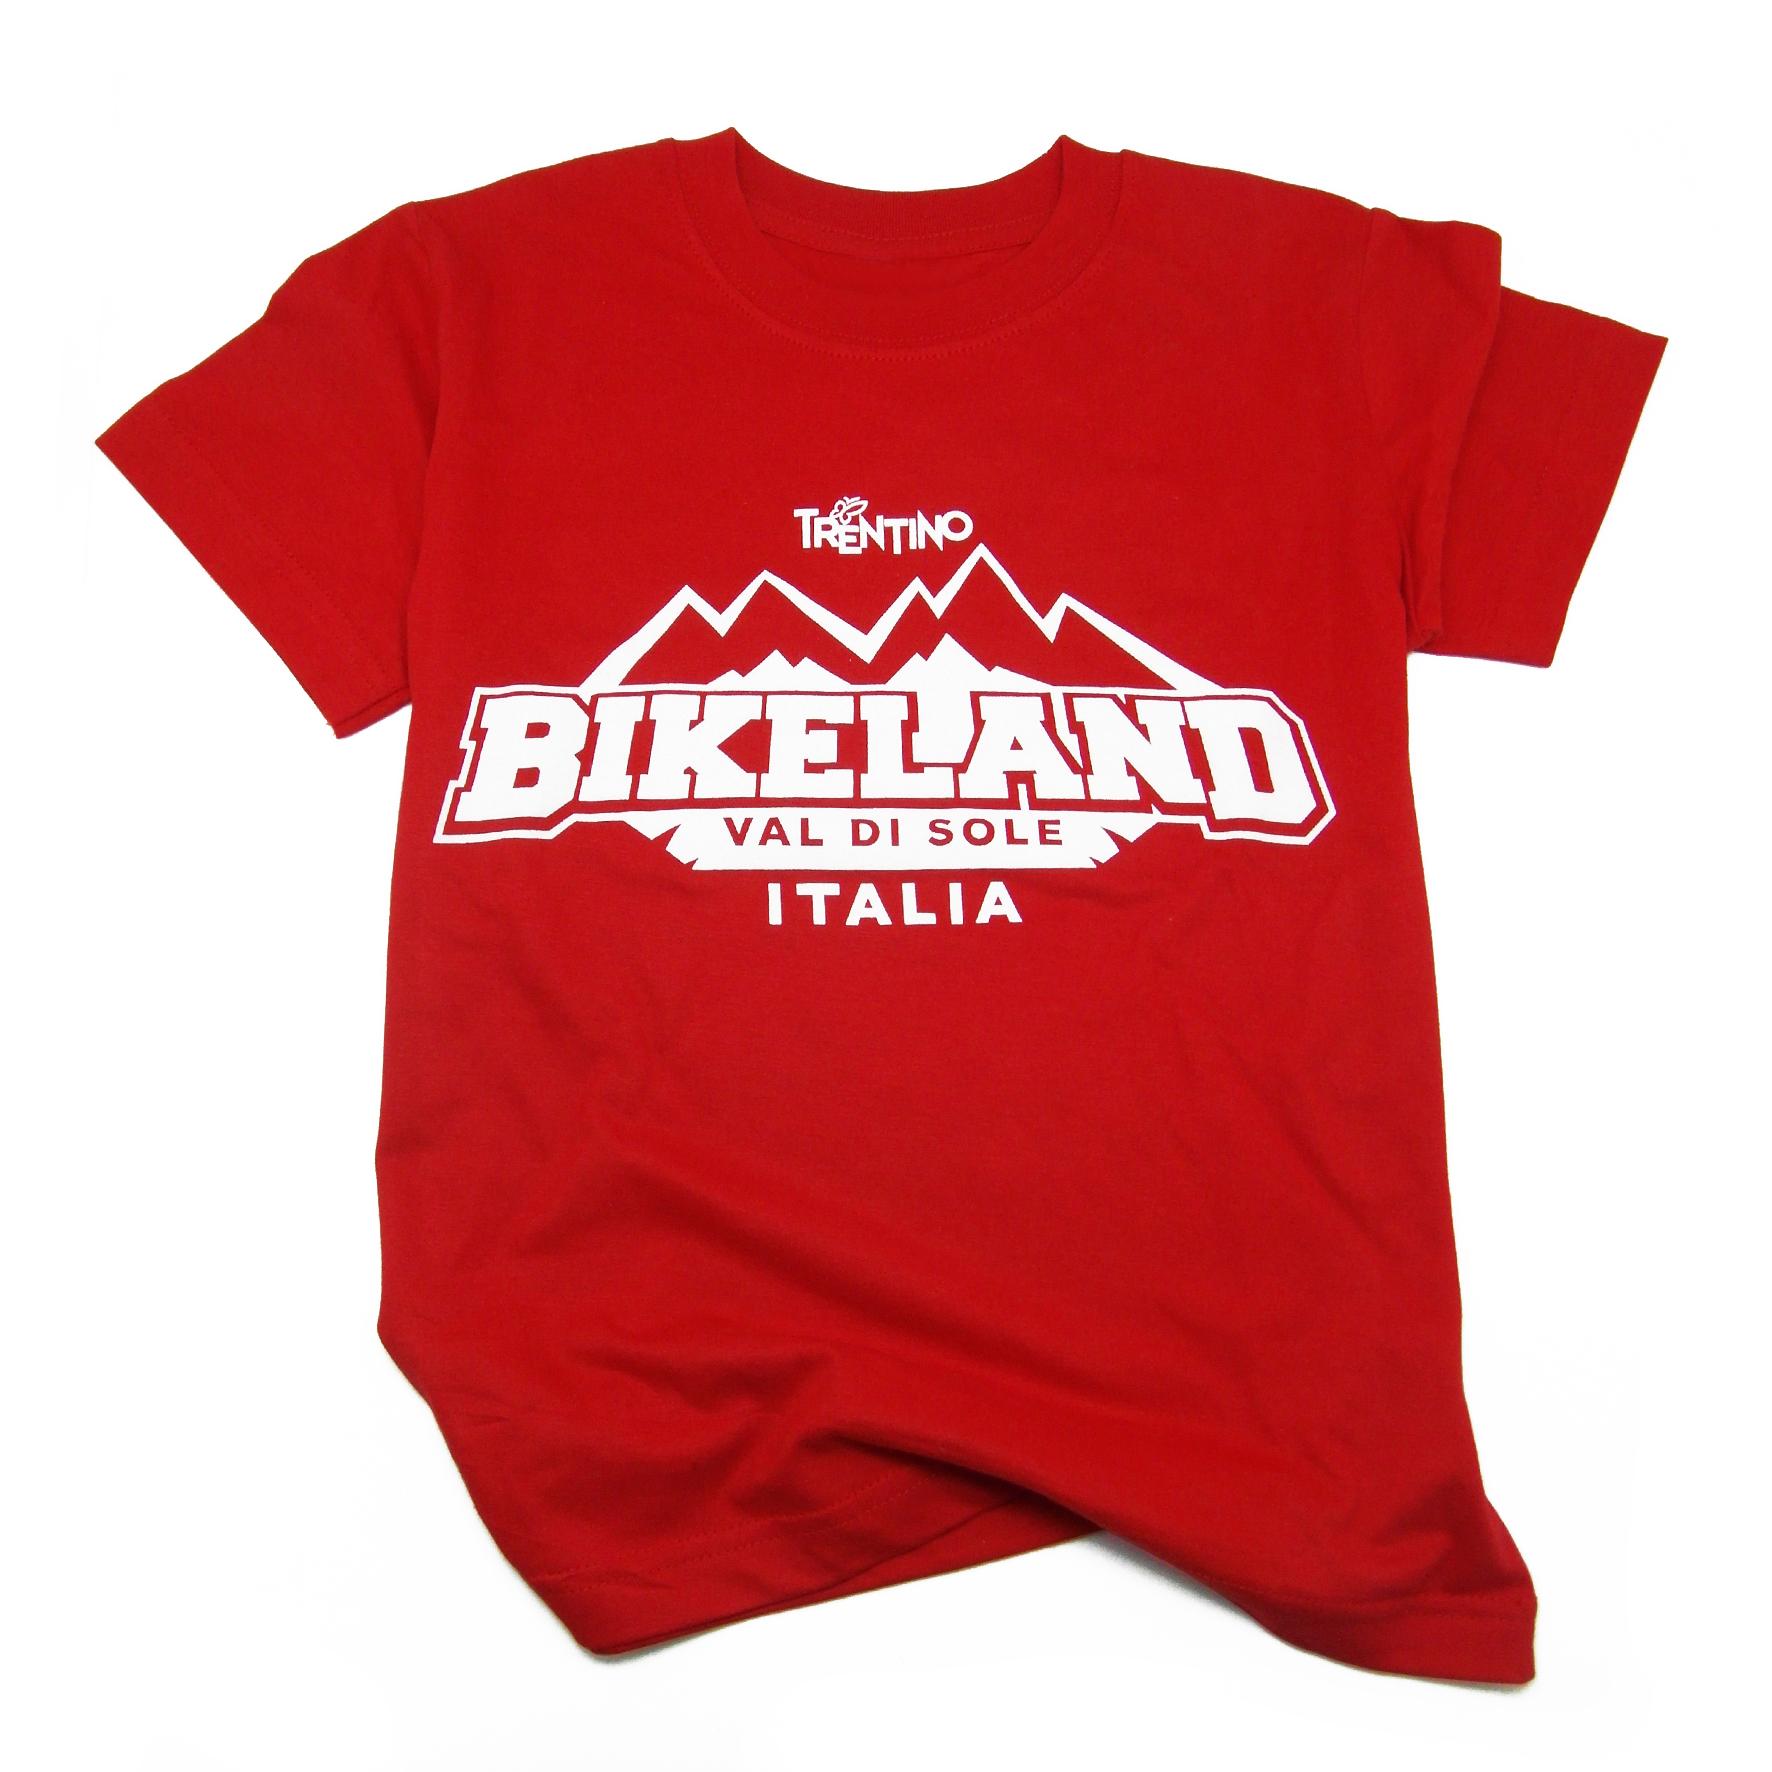 T-shirt-Bikeland-ValdiSole